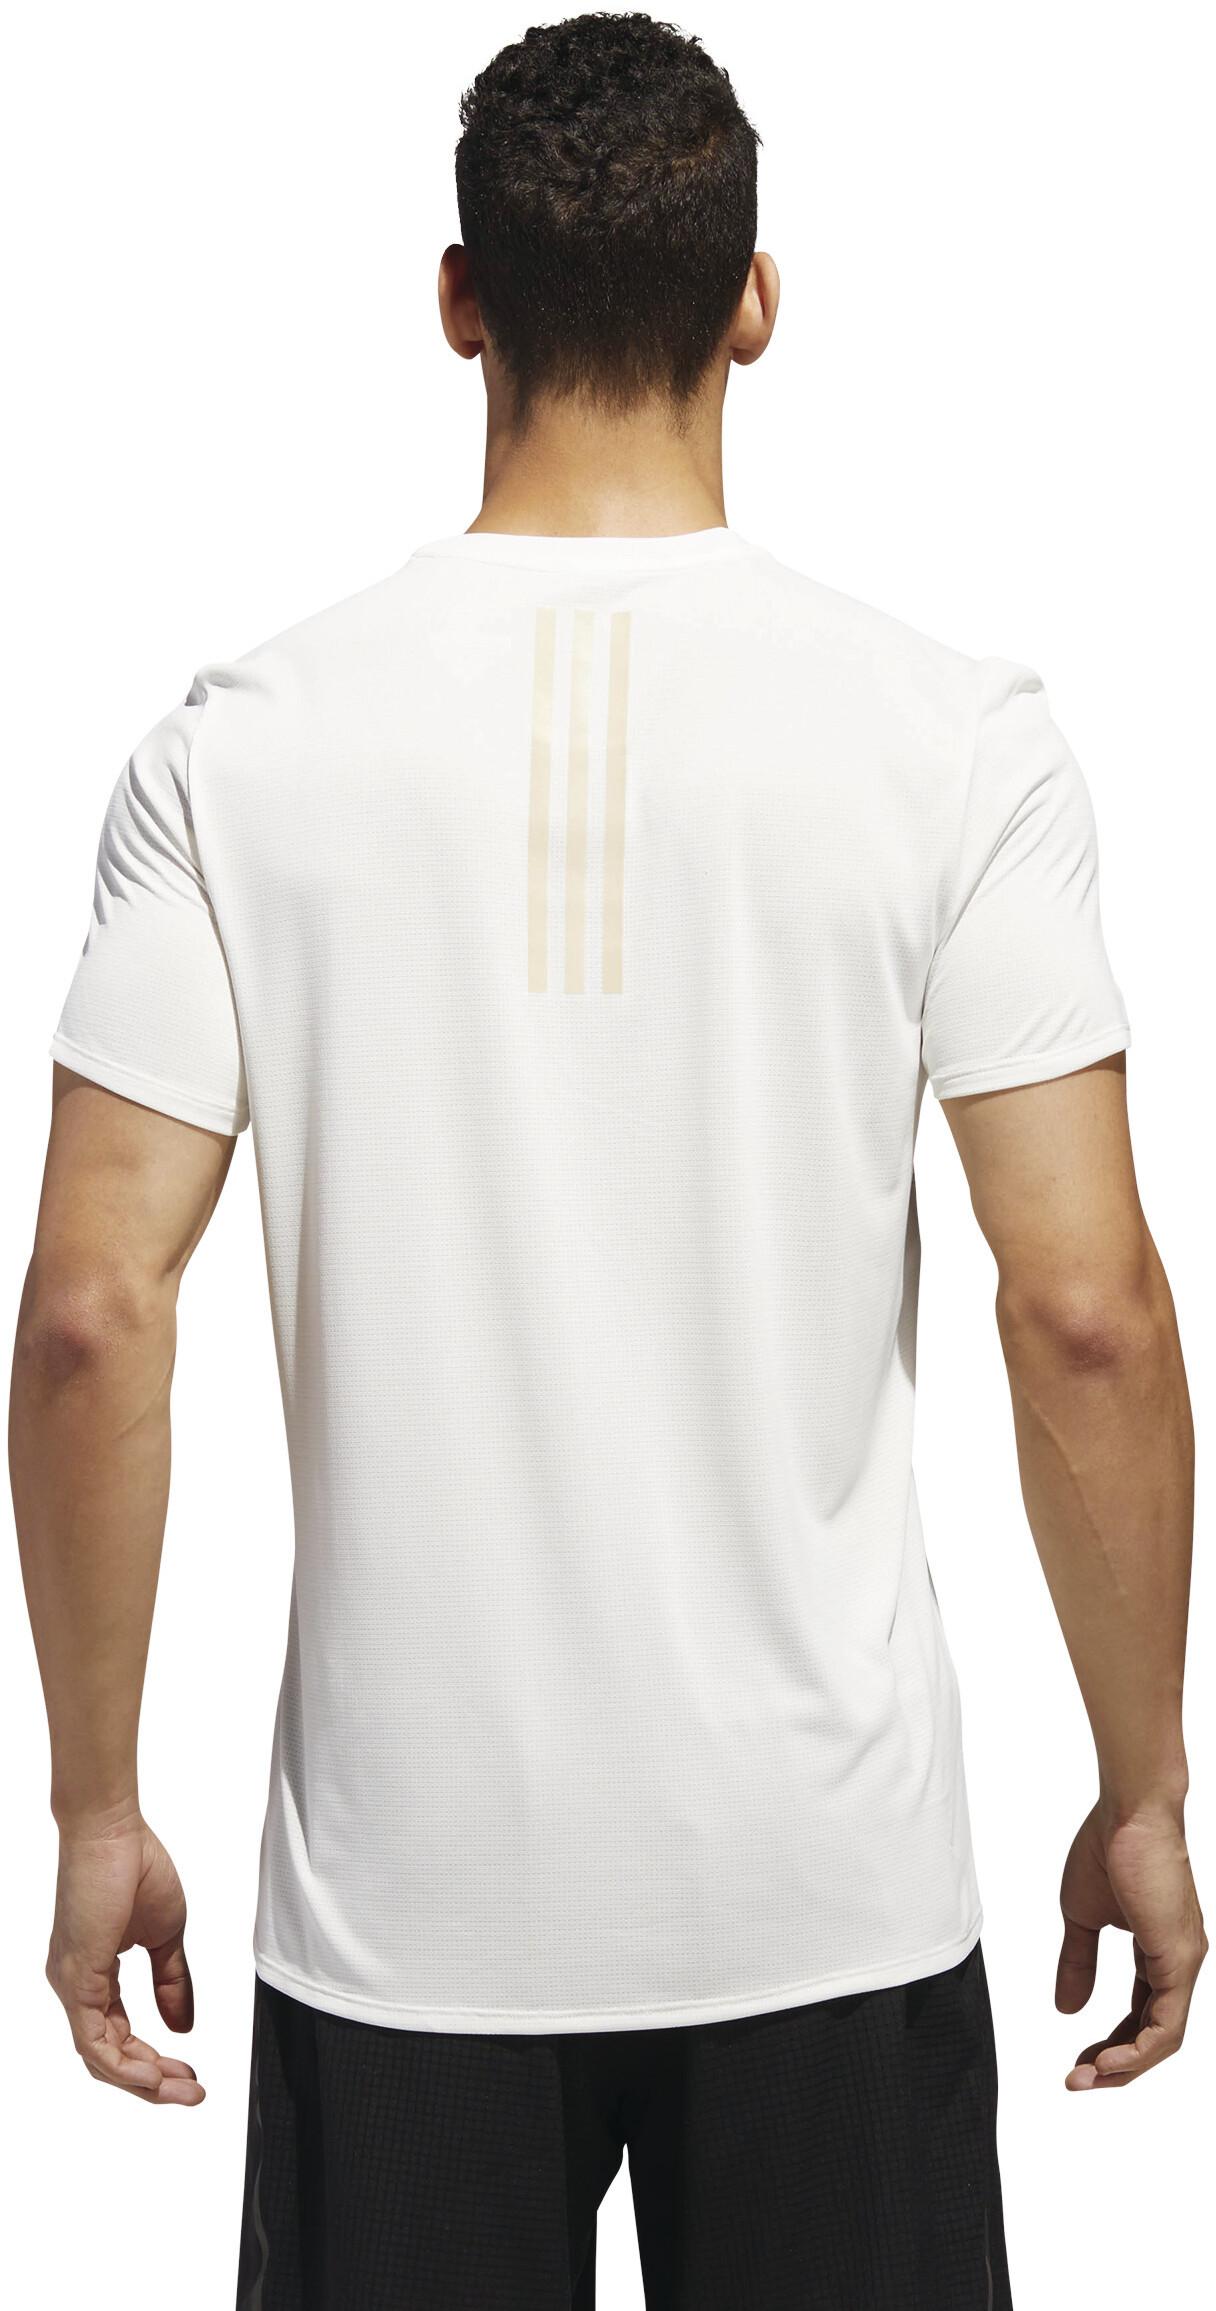 e59133af adidas Supernova Løbe T-shirt Herrer, cloud white | Find ...